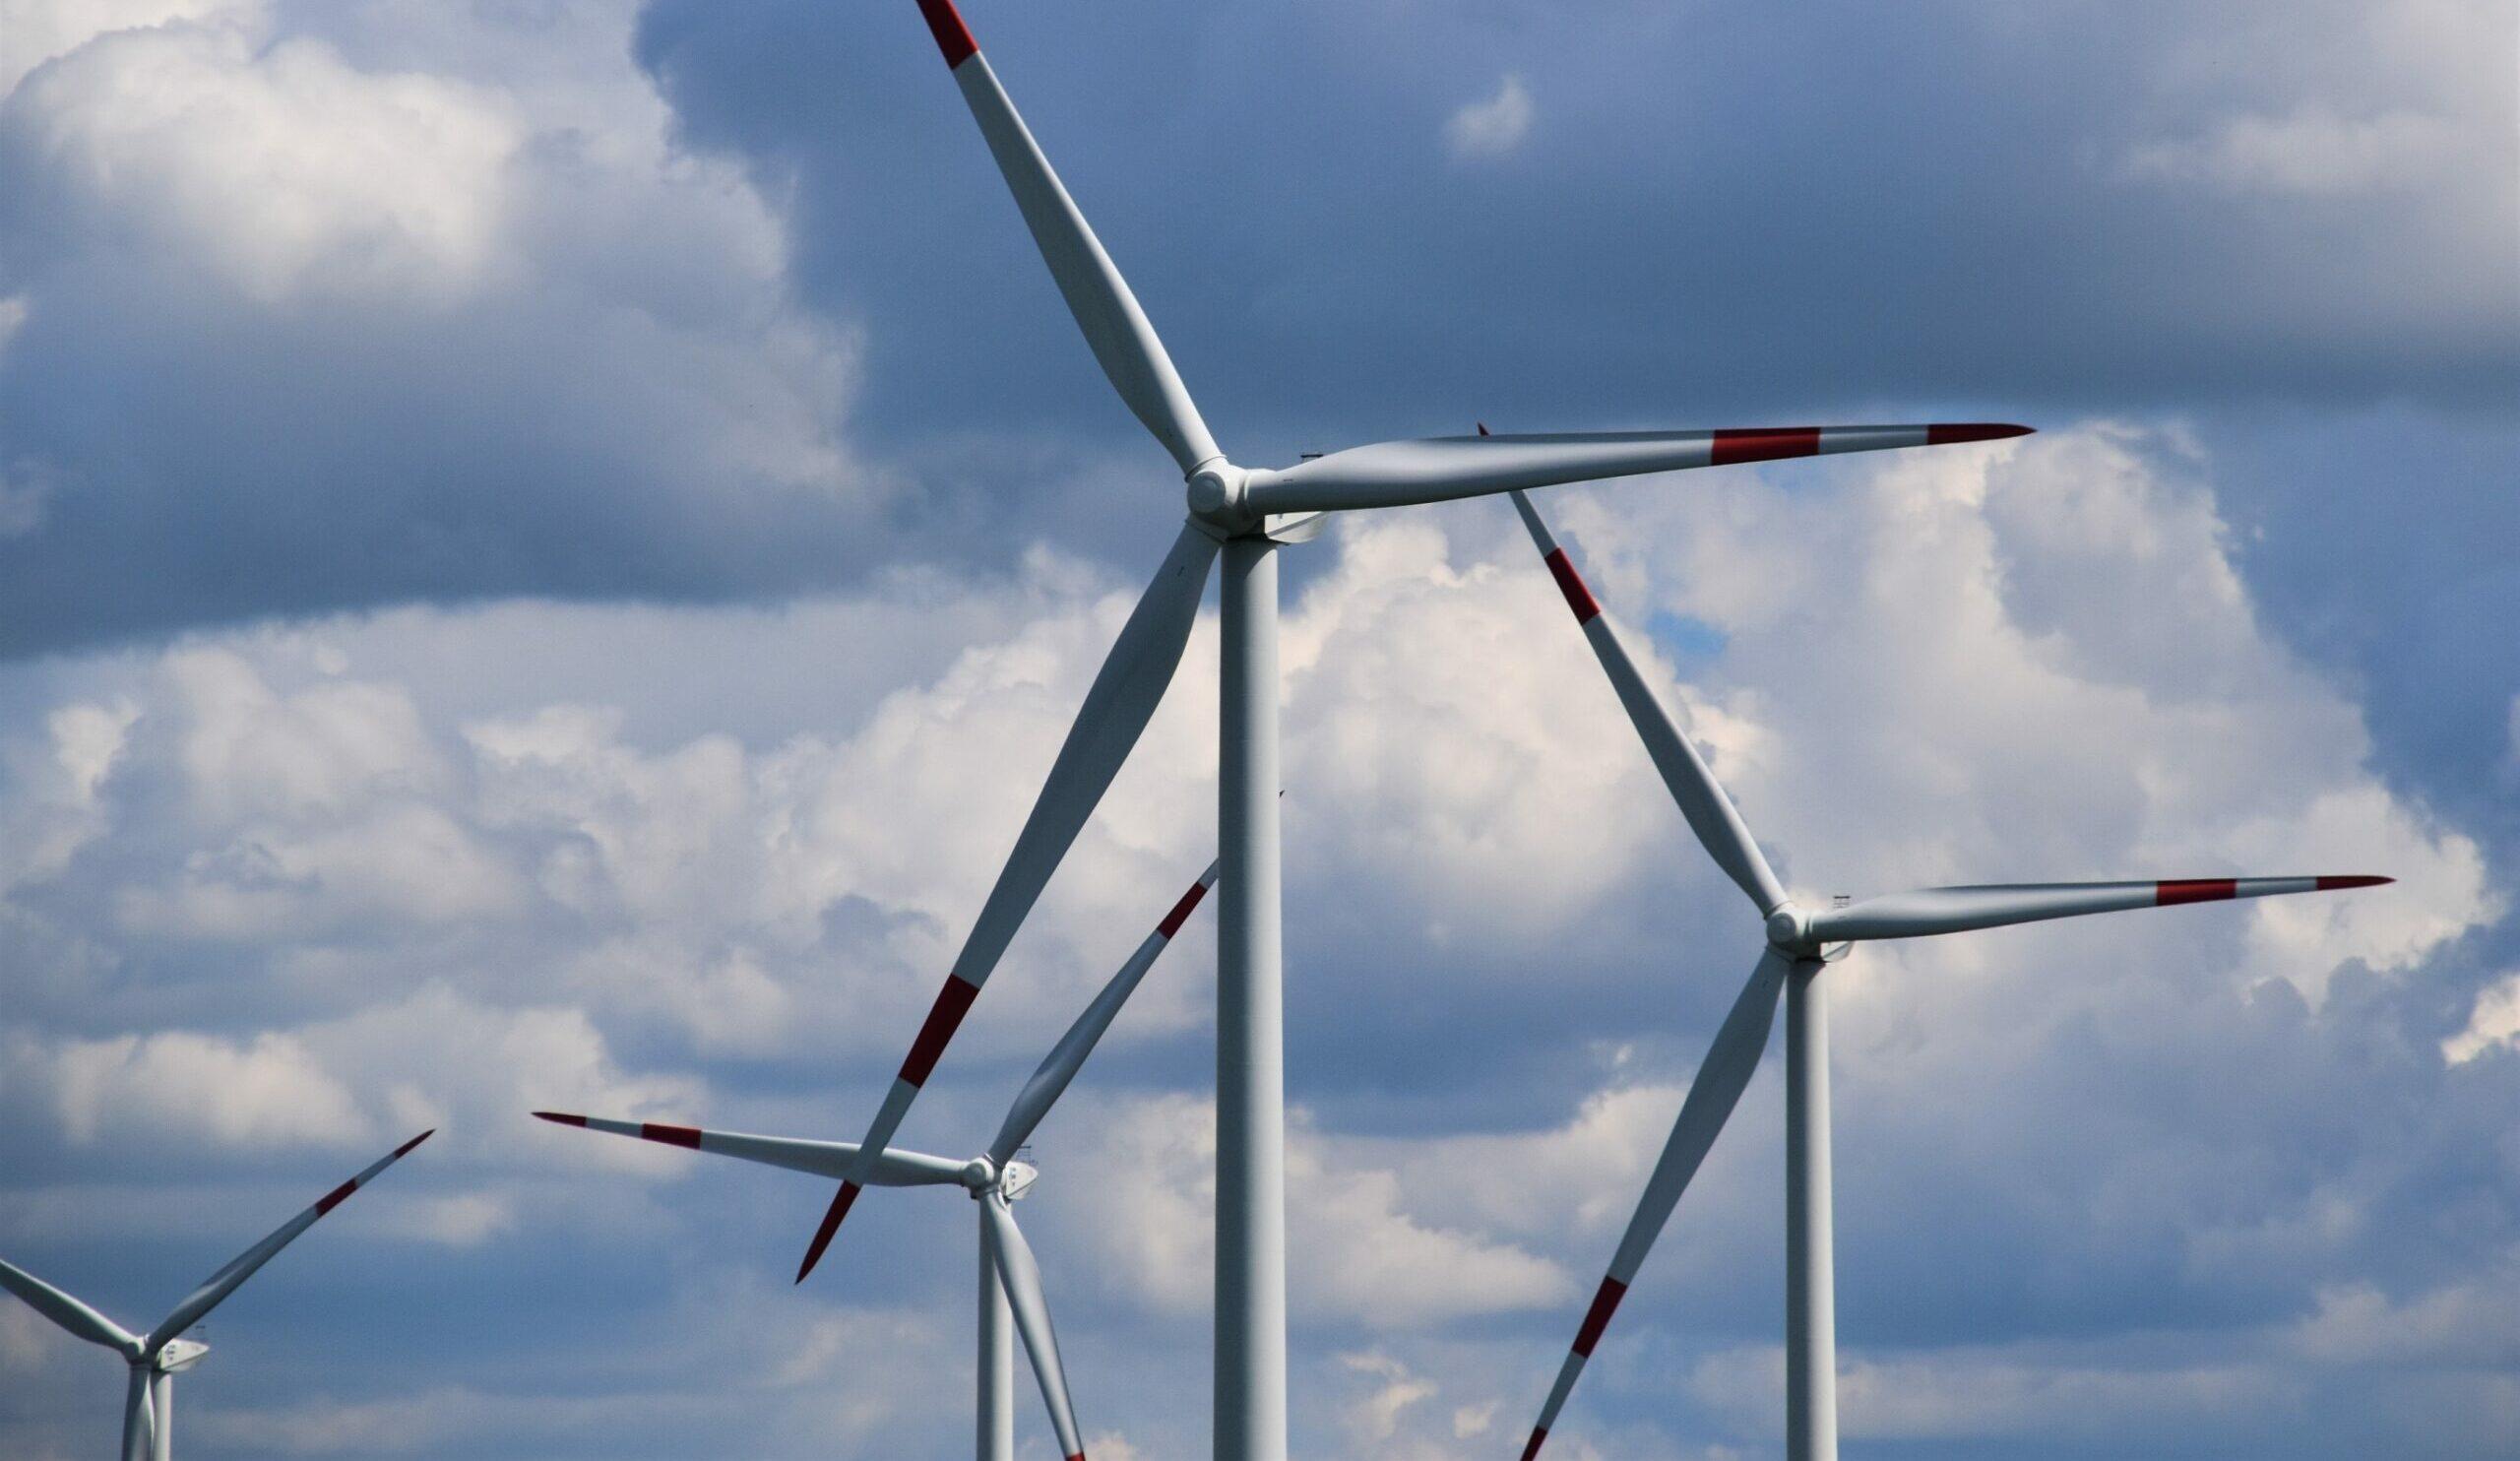 Morska energetyka wiatrowa to szansa na rozwój i zieloną rewolucję. Ale nadal brakuje przepisów